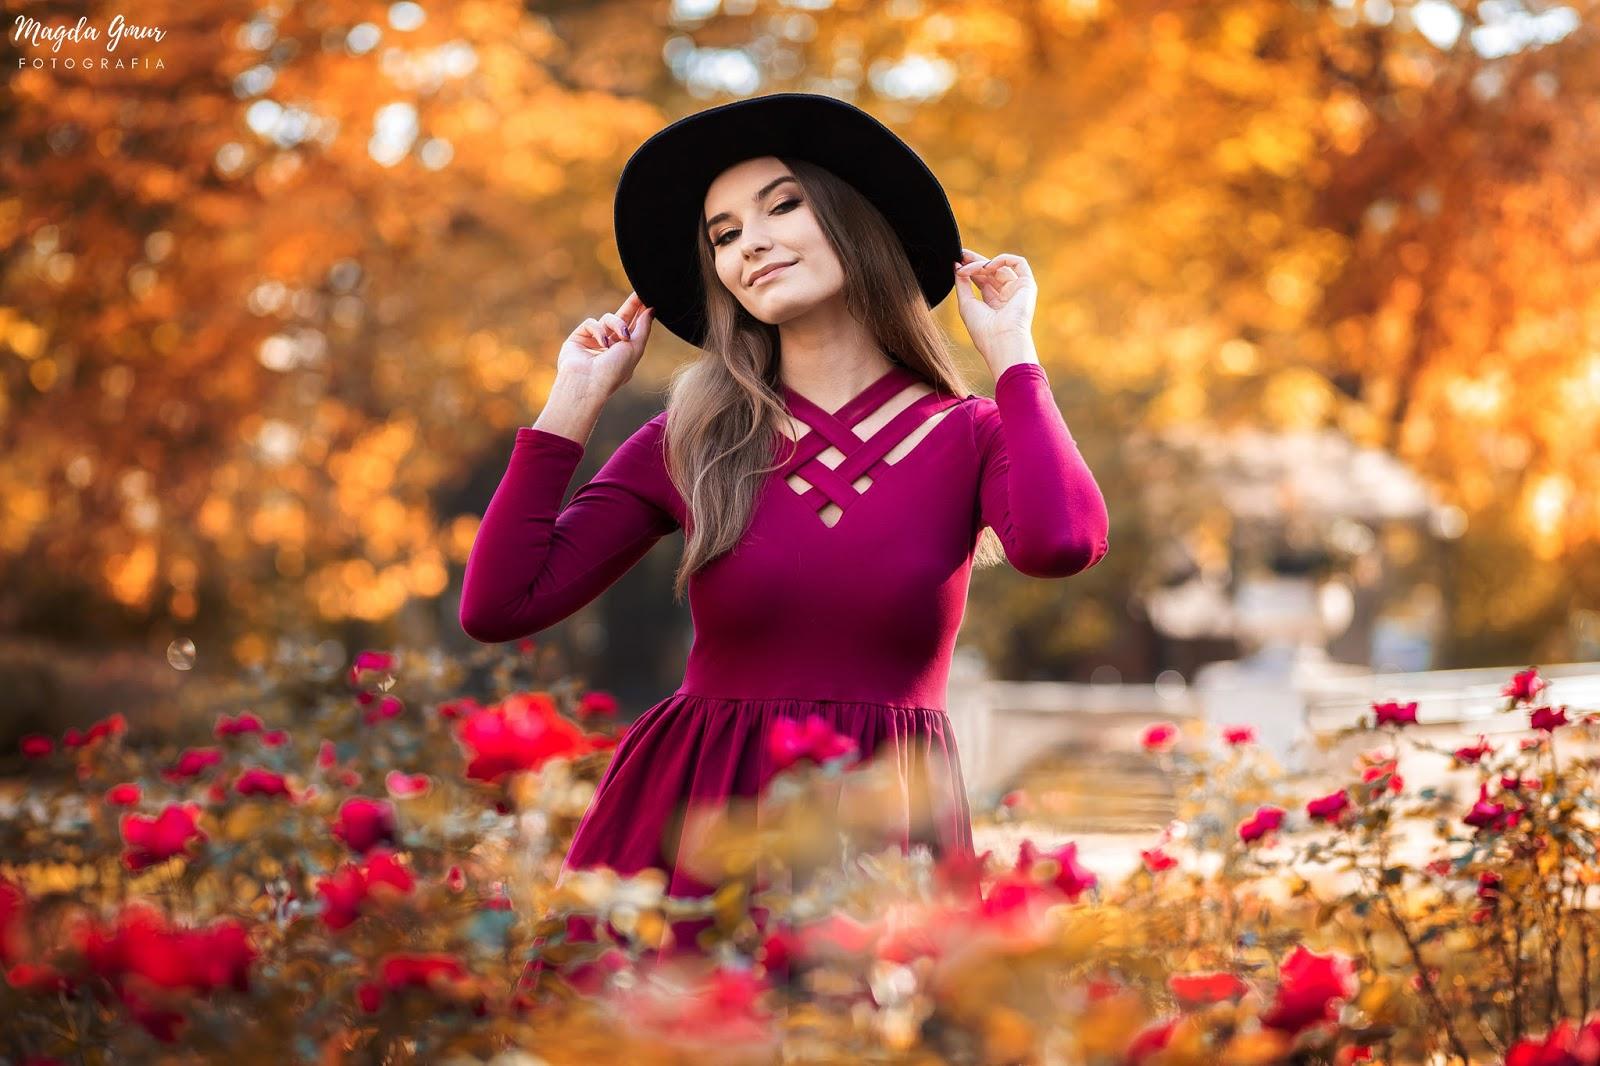 jesienna sesja, fotograf lublin, fotograf opoczno, sesja w ogrodzie saskim, ogrod saski lublin, magda gmur fotografia, jesienny portret